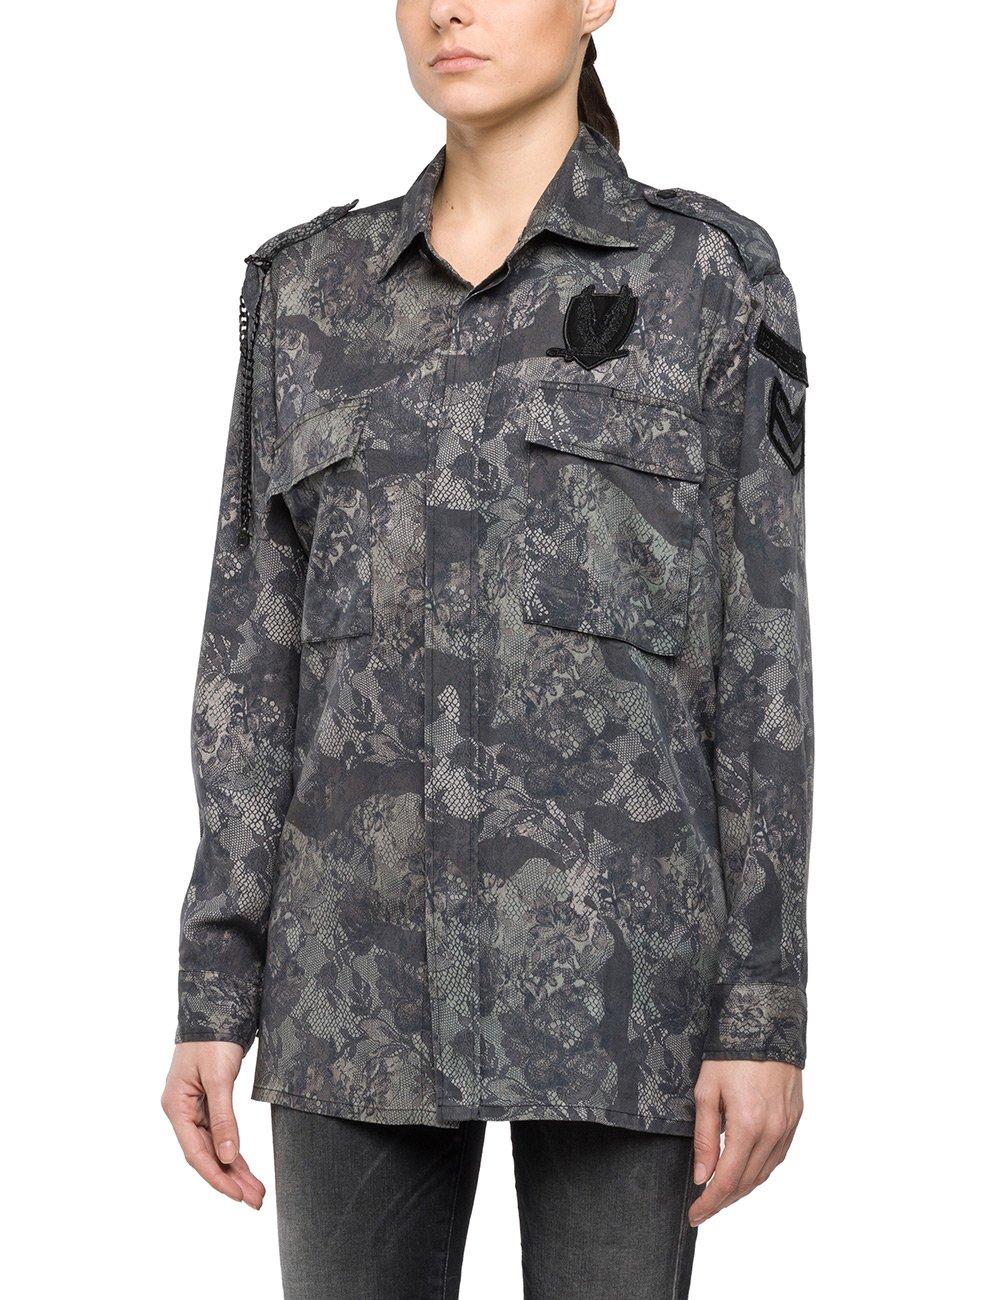 Replay Women's Women's Military Green-Black Shirt in Size XS Grey